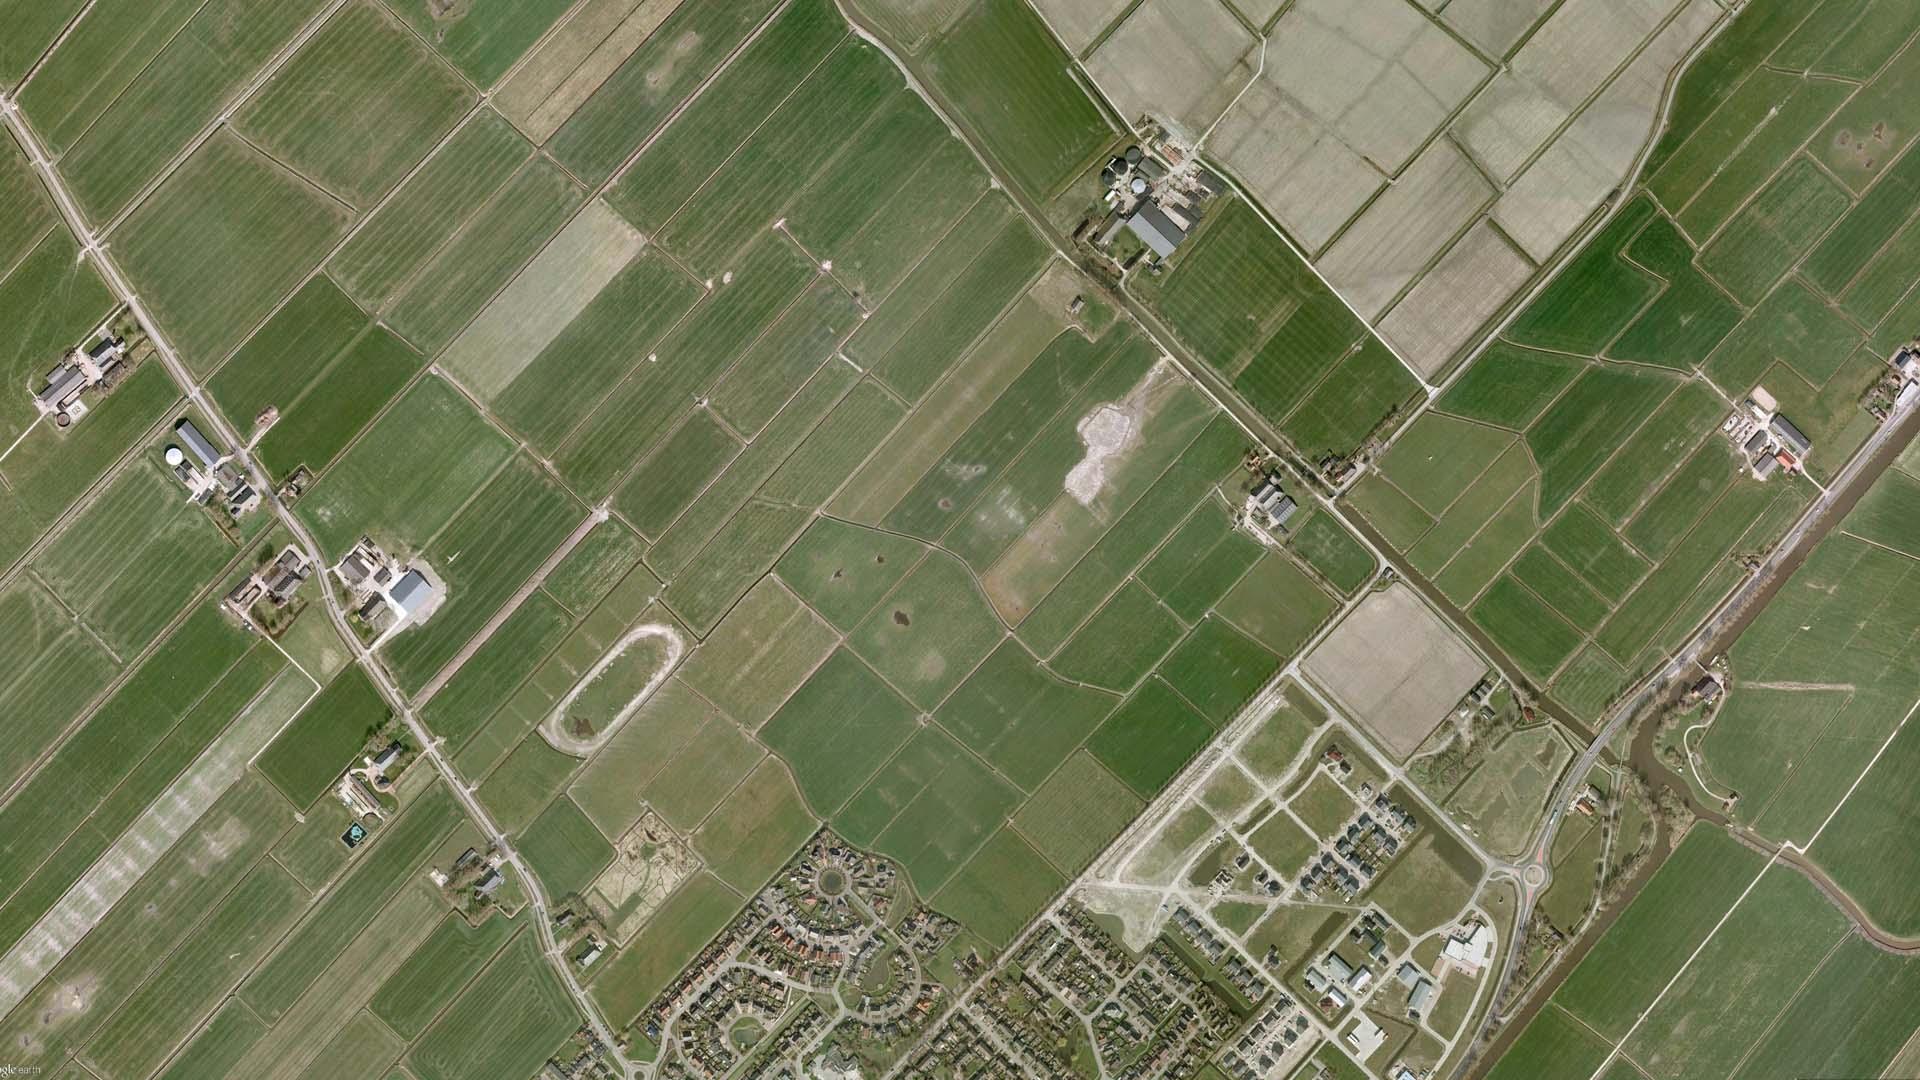 1504_Woldwijk Ten Boer_01